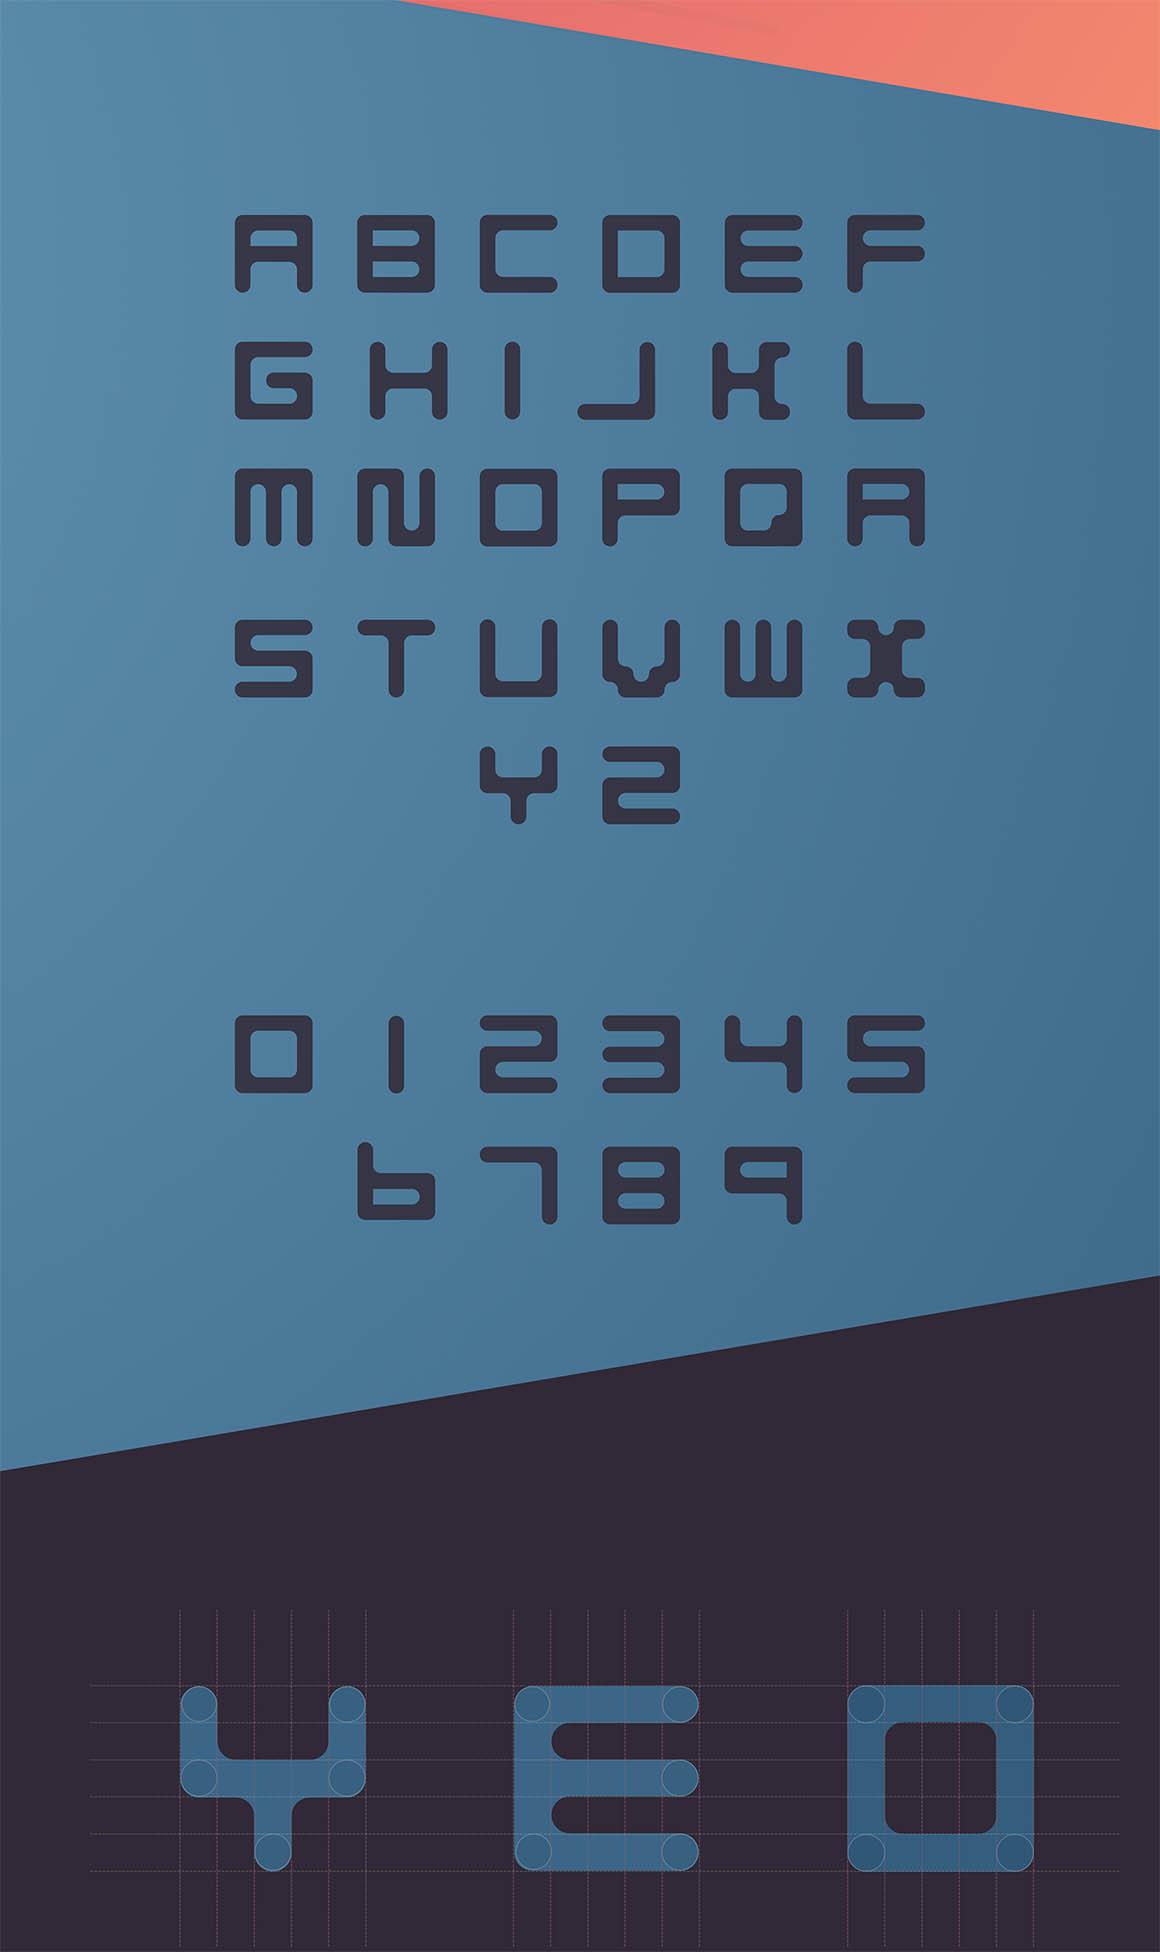 QUBO Font